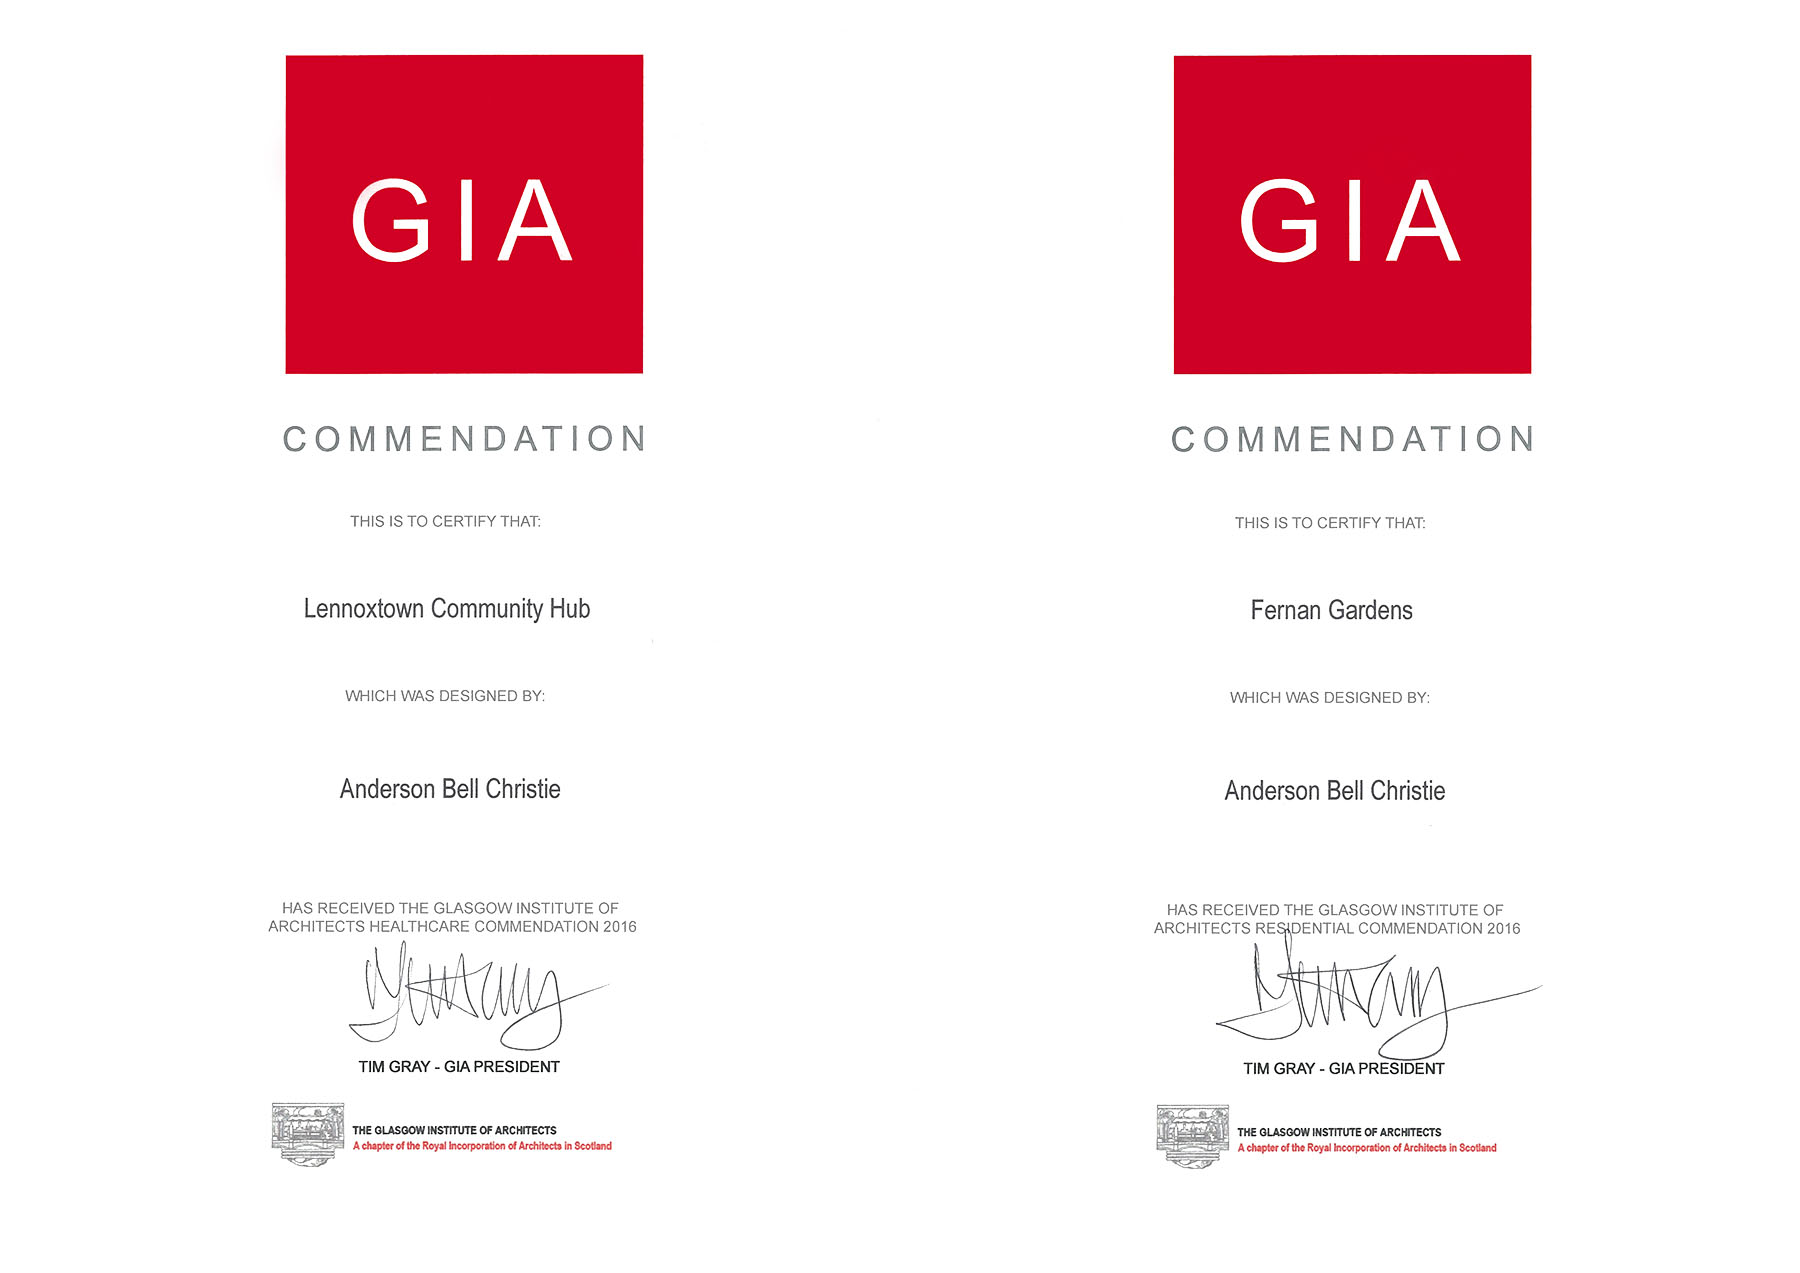 GIA Awards